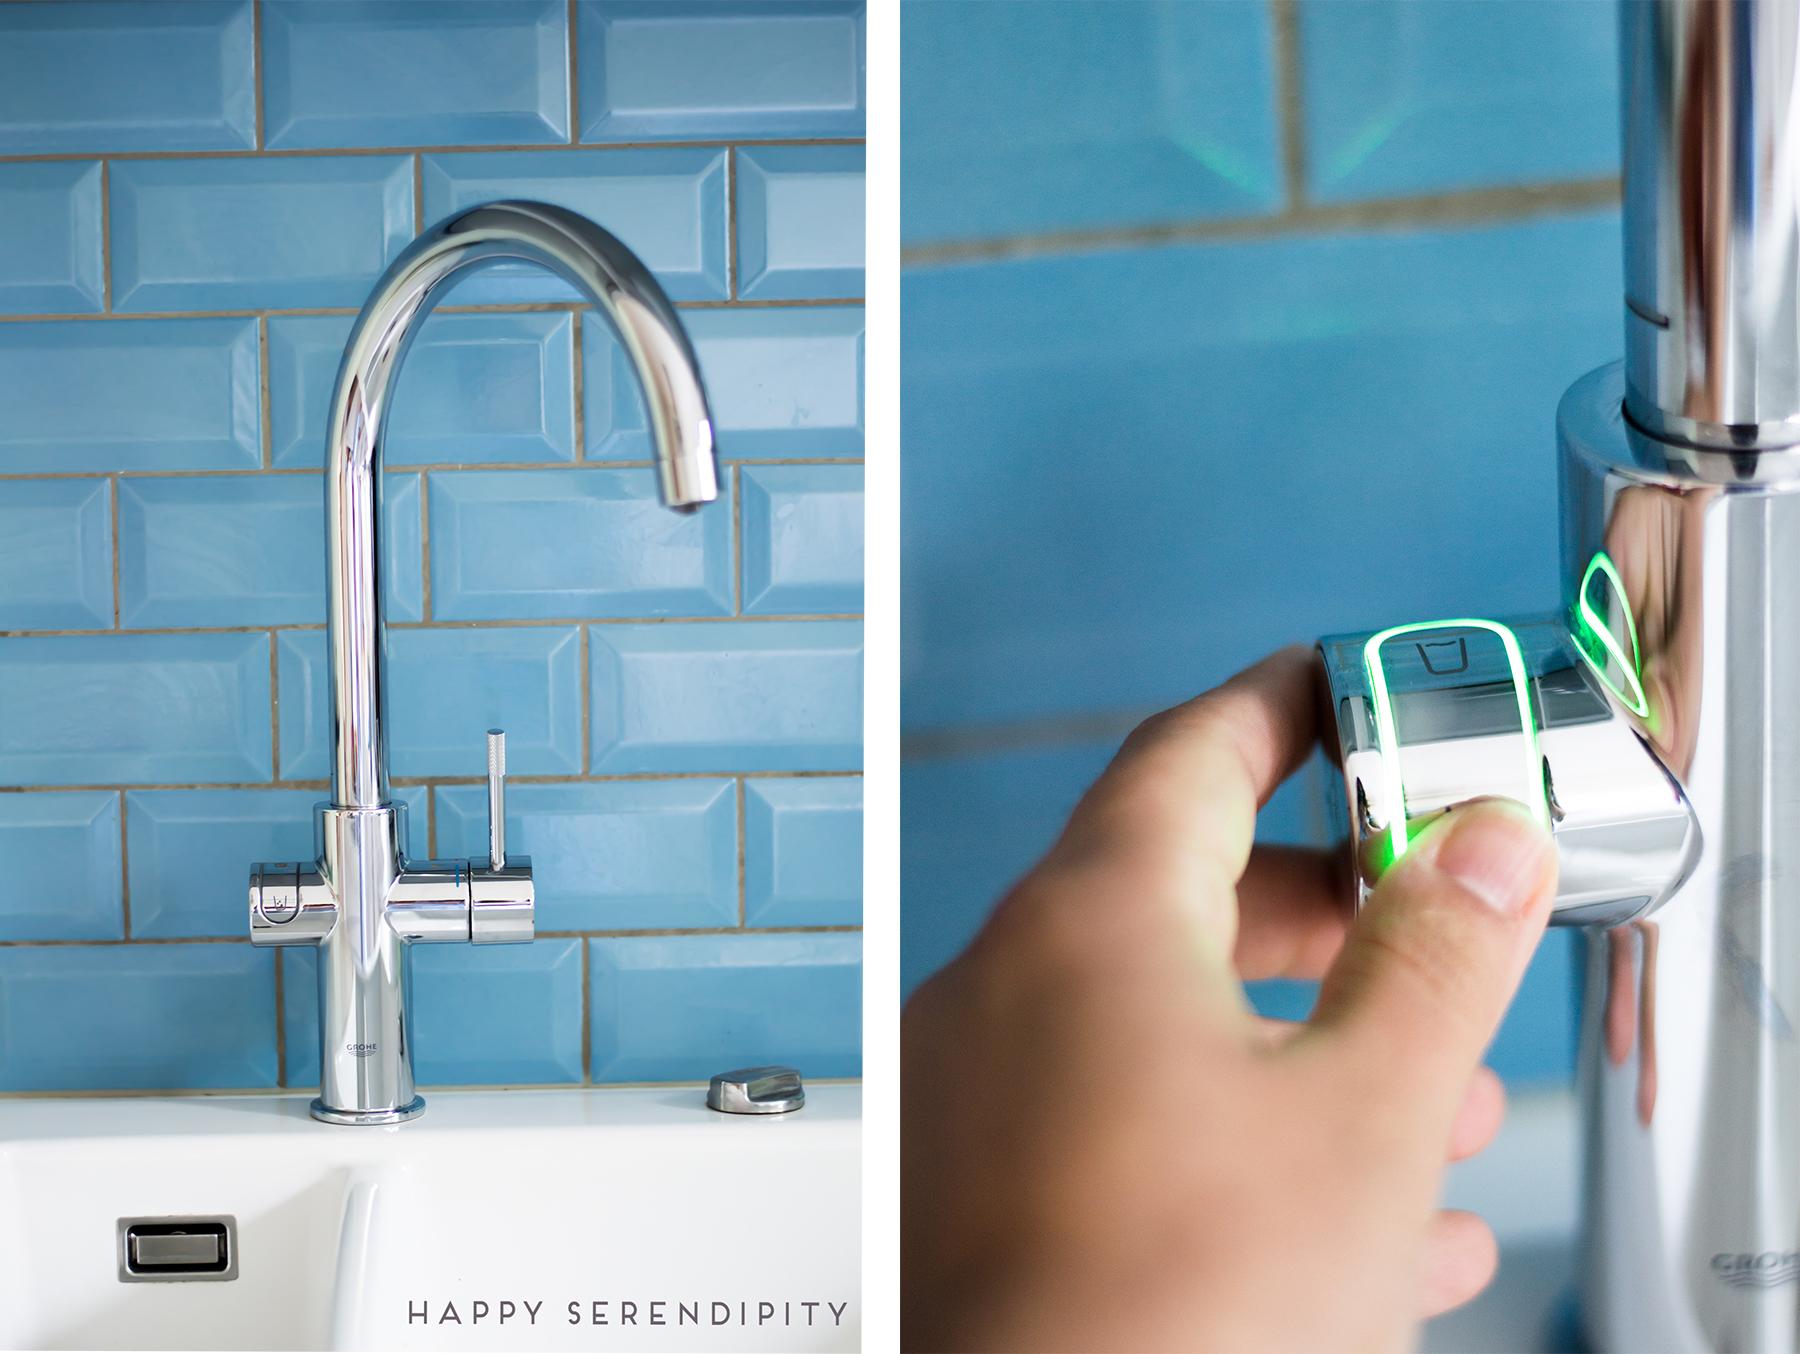 Das Grohe Blue Home System liefert gekühltes und gefiltertes Wasser direkt aus dem Wasserhahn; auf Wunsch auch mit Sprudel